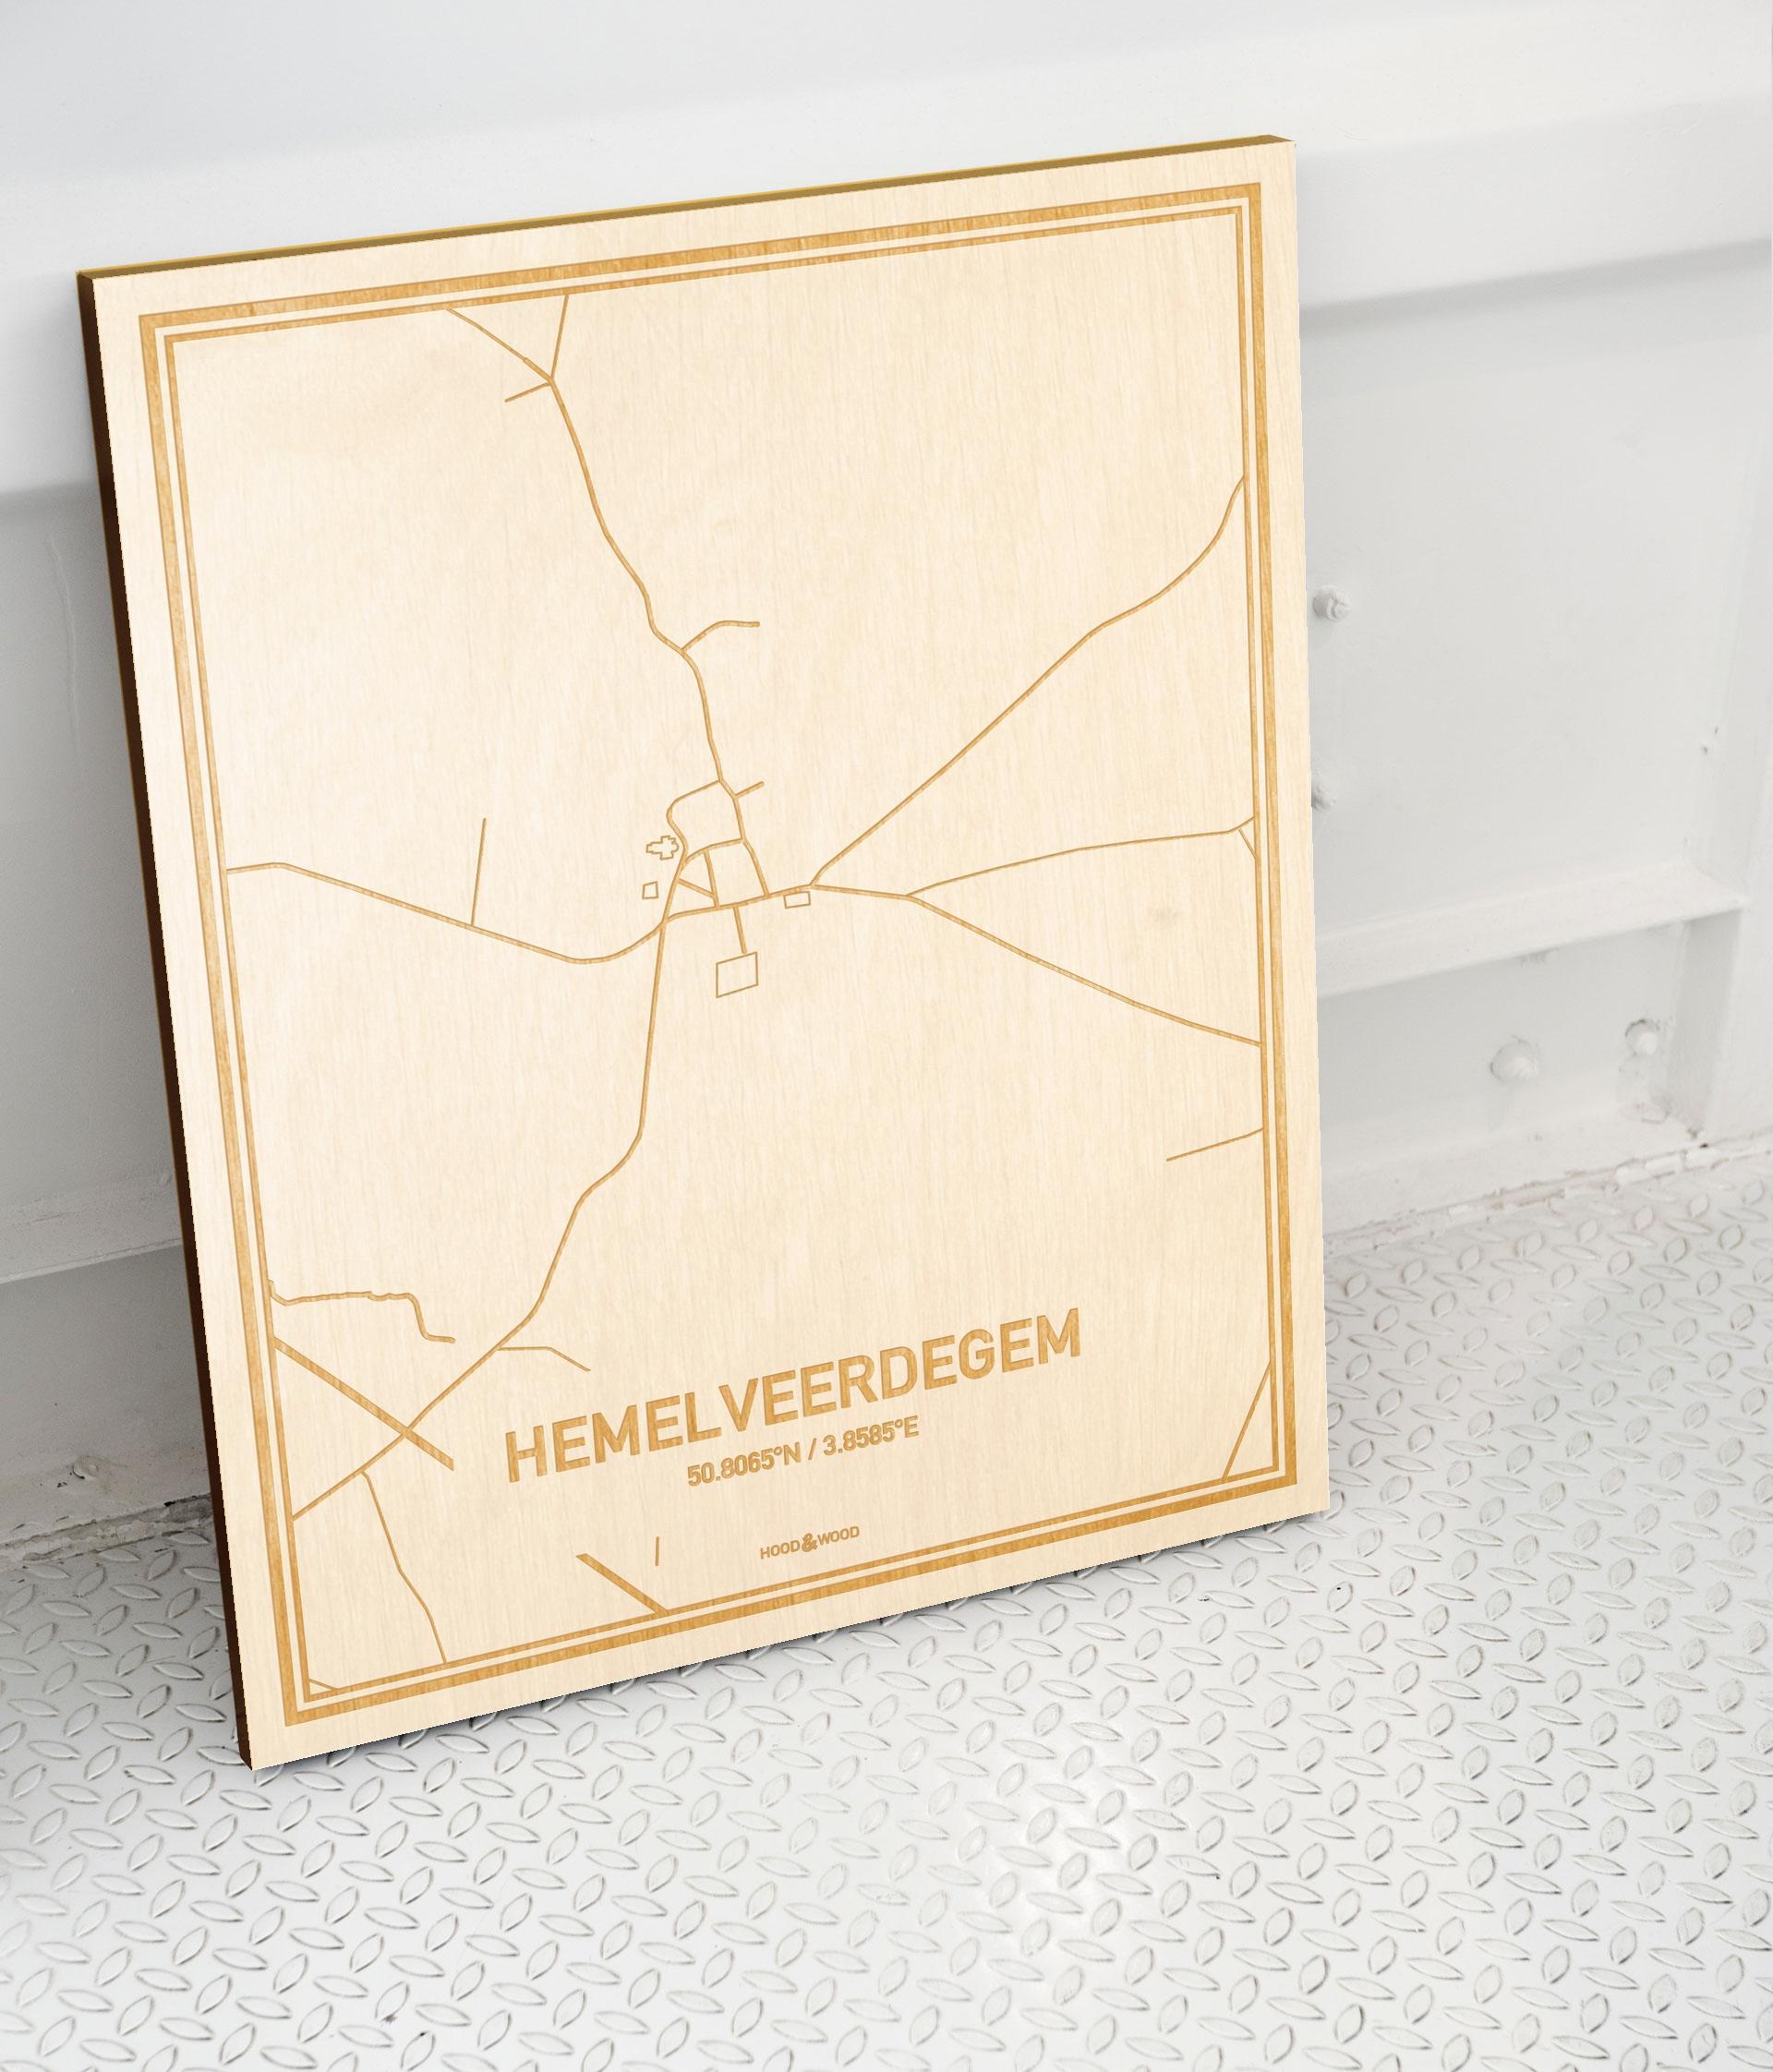 Plattegrond Hemelveerdegem als prachtige houten wanddecoratie. Het warme hout contrasteert mooi met de witte muur.